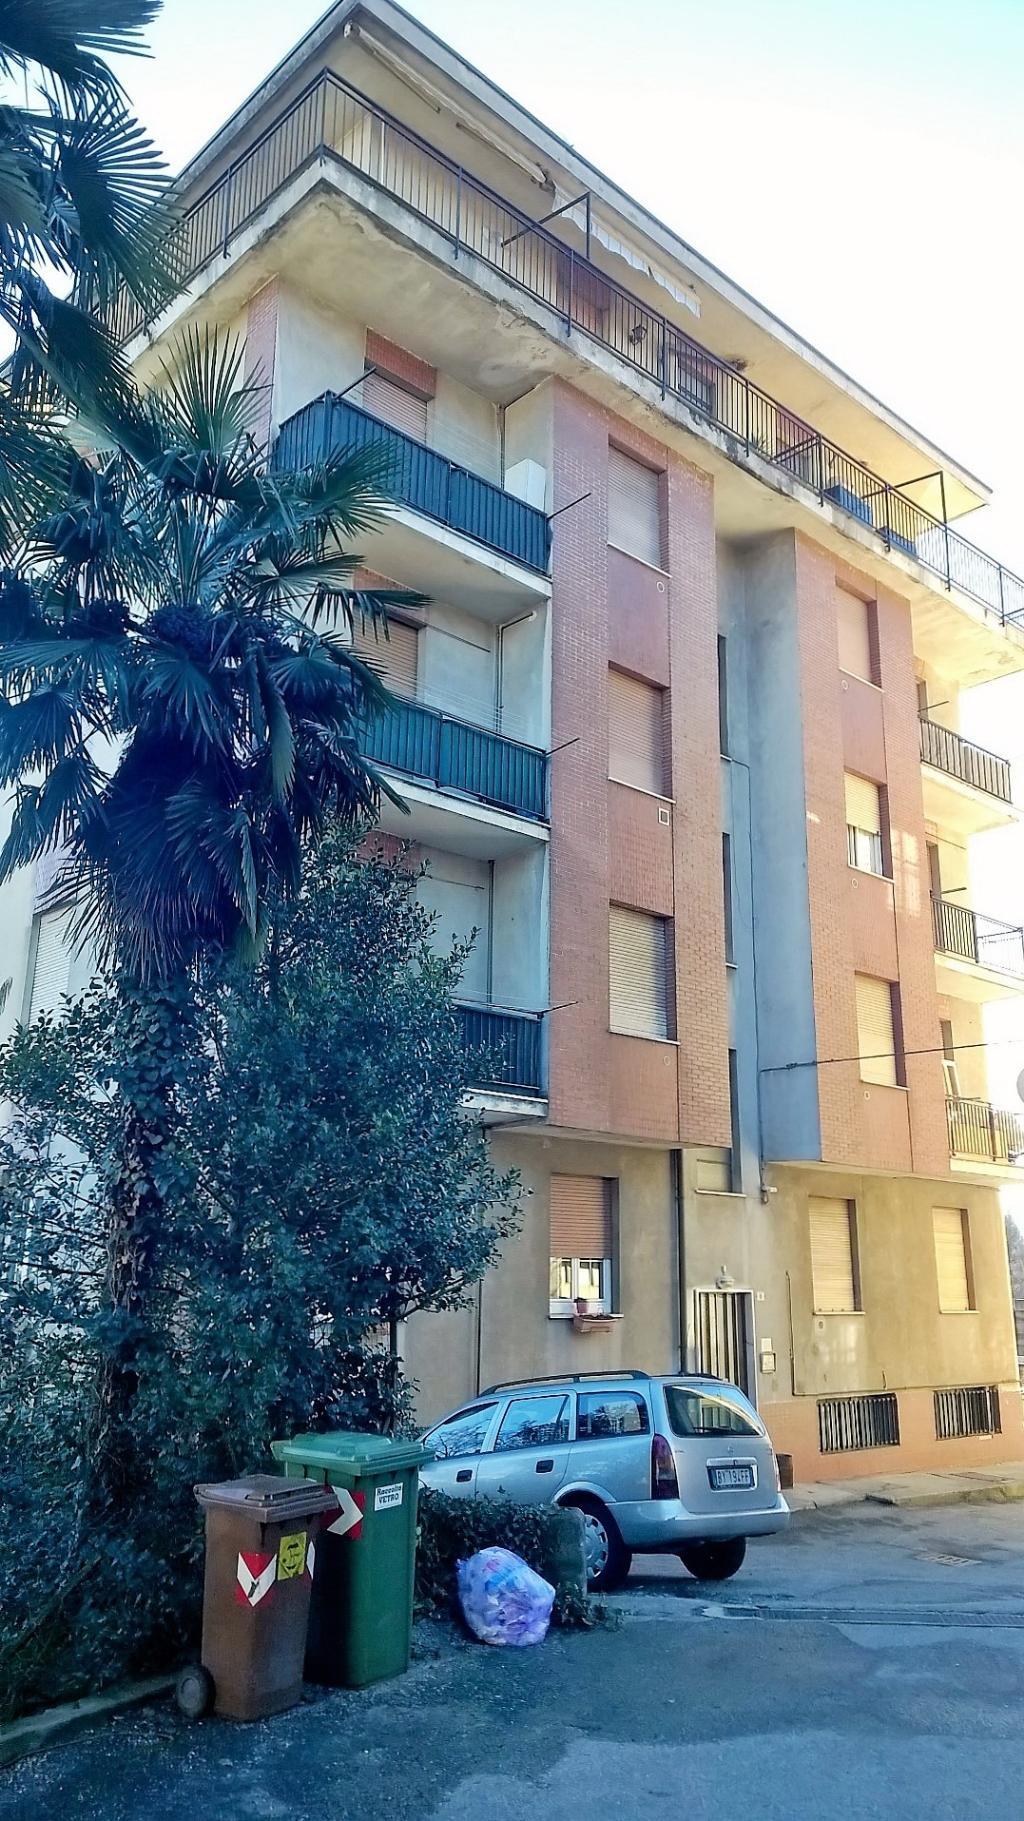 Bilocale Albizzate Via Mazzini 8 3